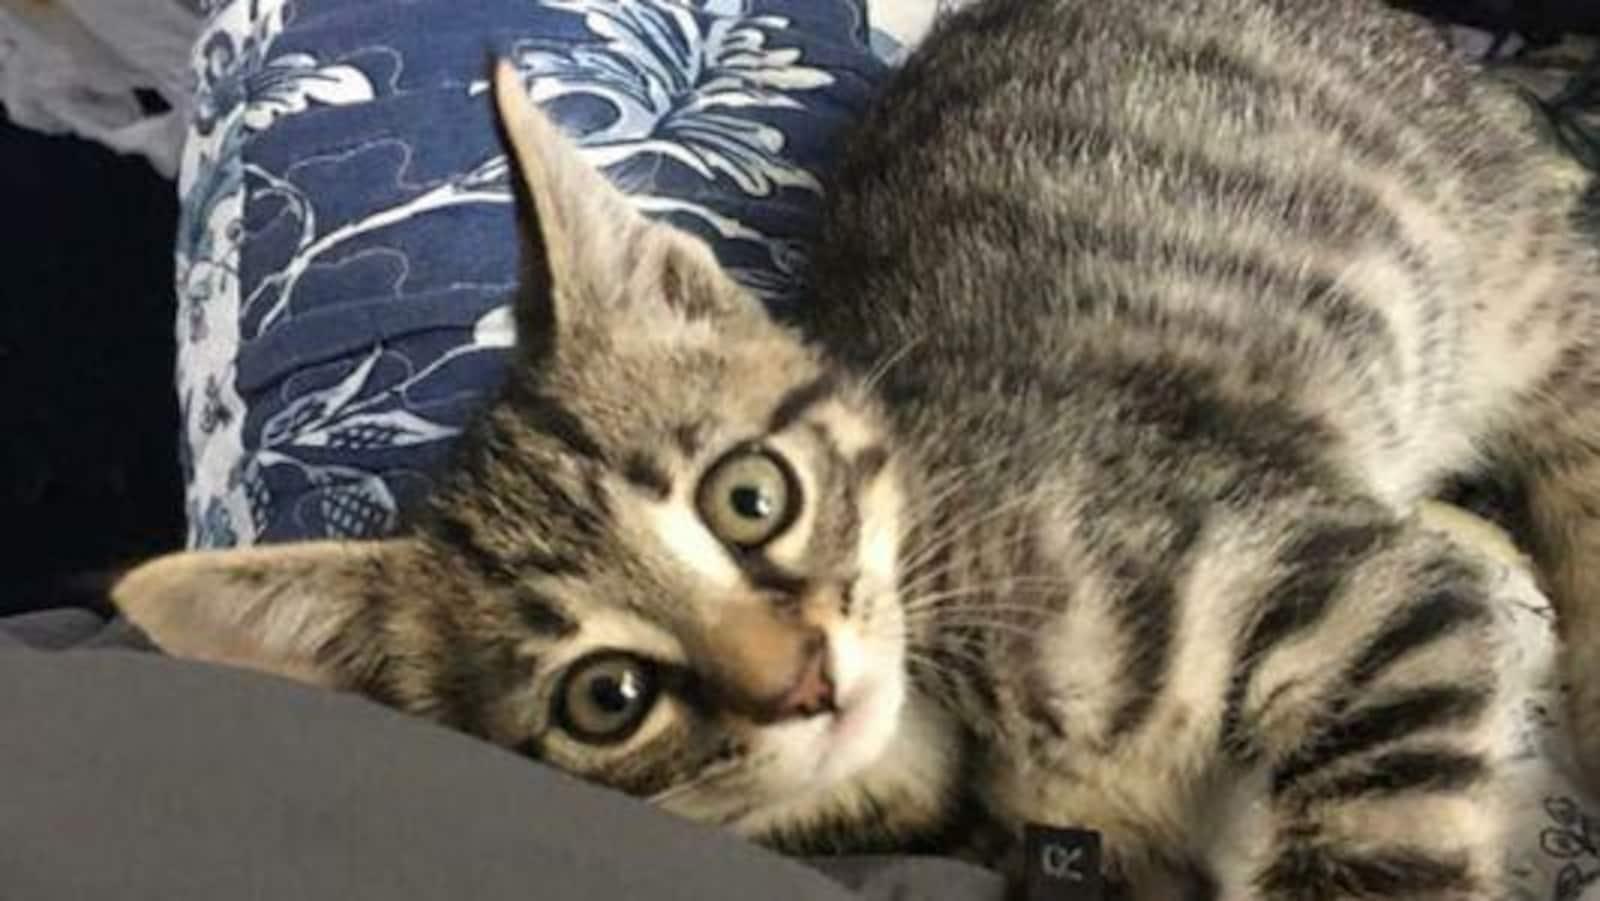 Un chat est couché sur un canapé et regarde l'objectif de l'appareil photo.